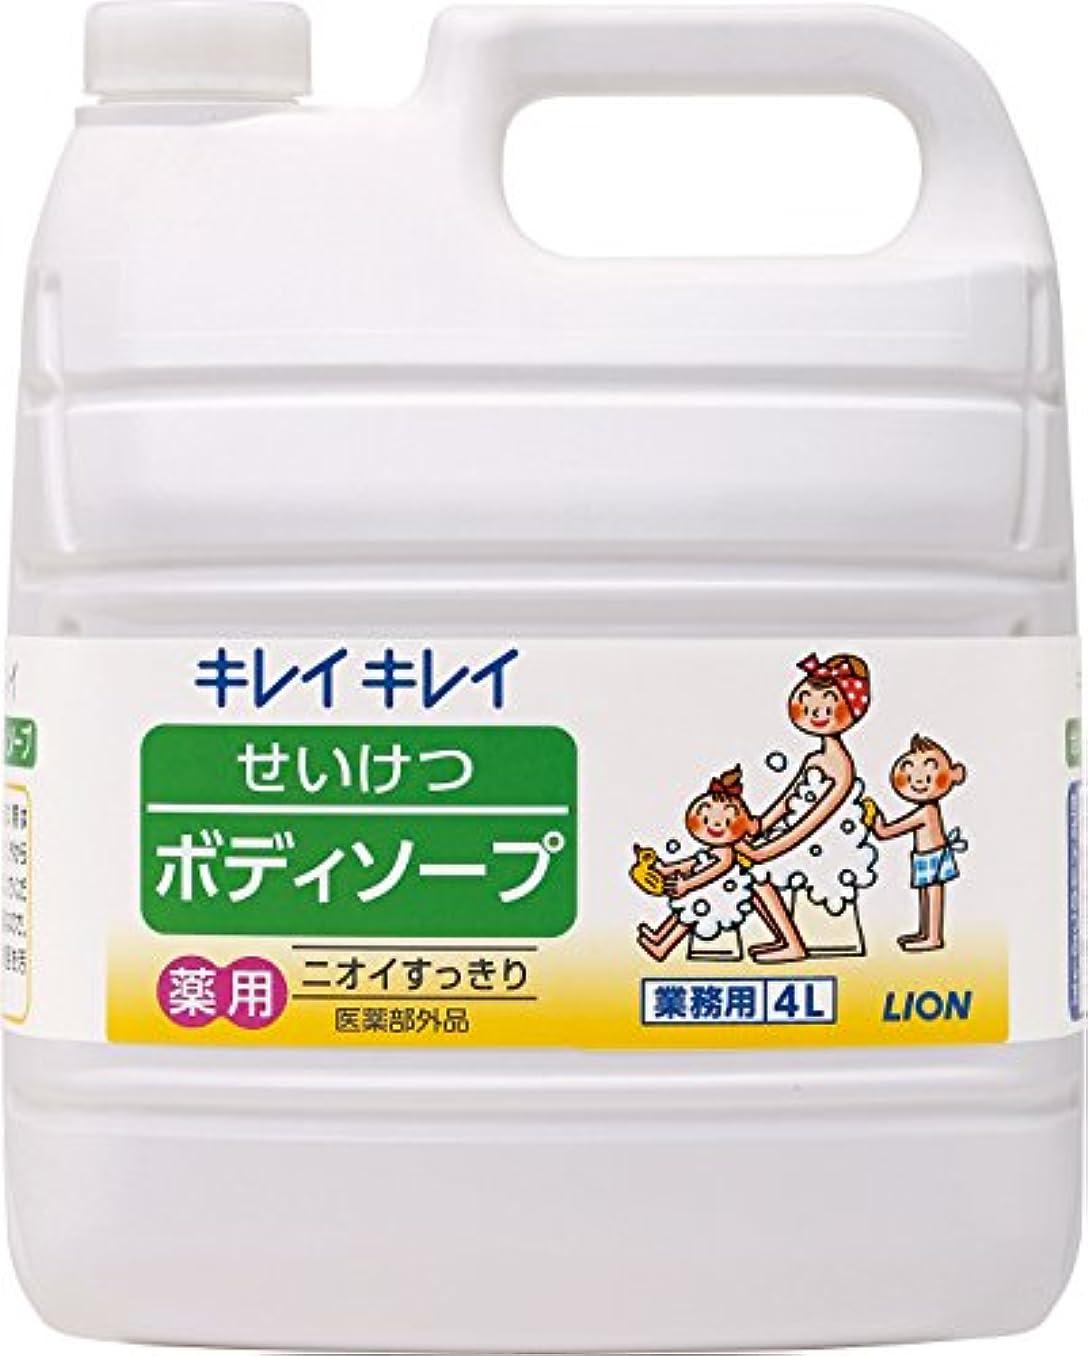 考えたグラフセメント【業務用 大容量】キレイキレイ せいけつボディソープ さわやかなレモン&オレンジの香り 4L(医薬部外品)